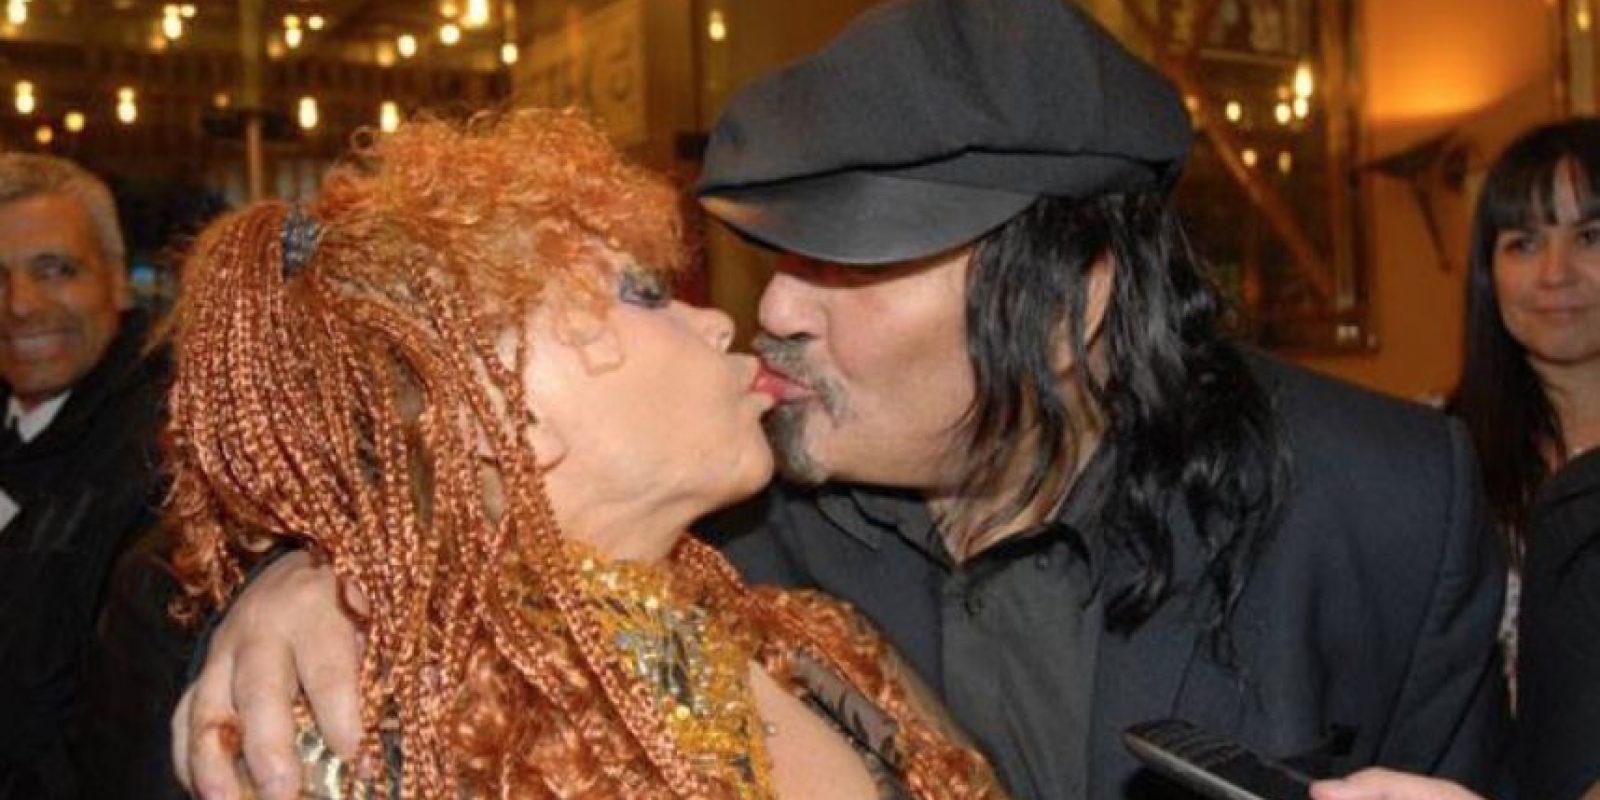 Ha personificado a Shakira y Lady Gaga Foto:Tigresa del Oriente/Facebook. Imagen Por: